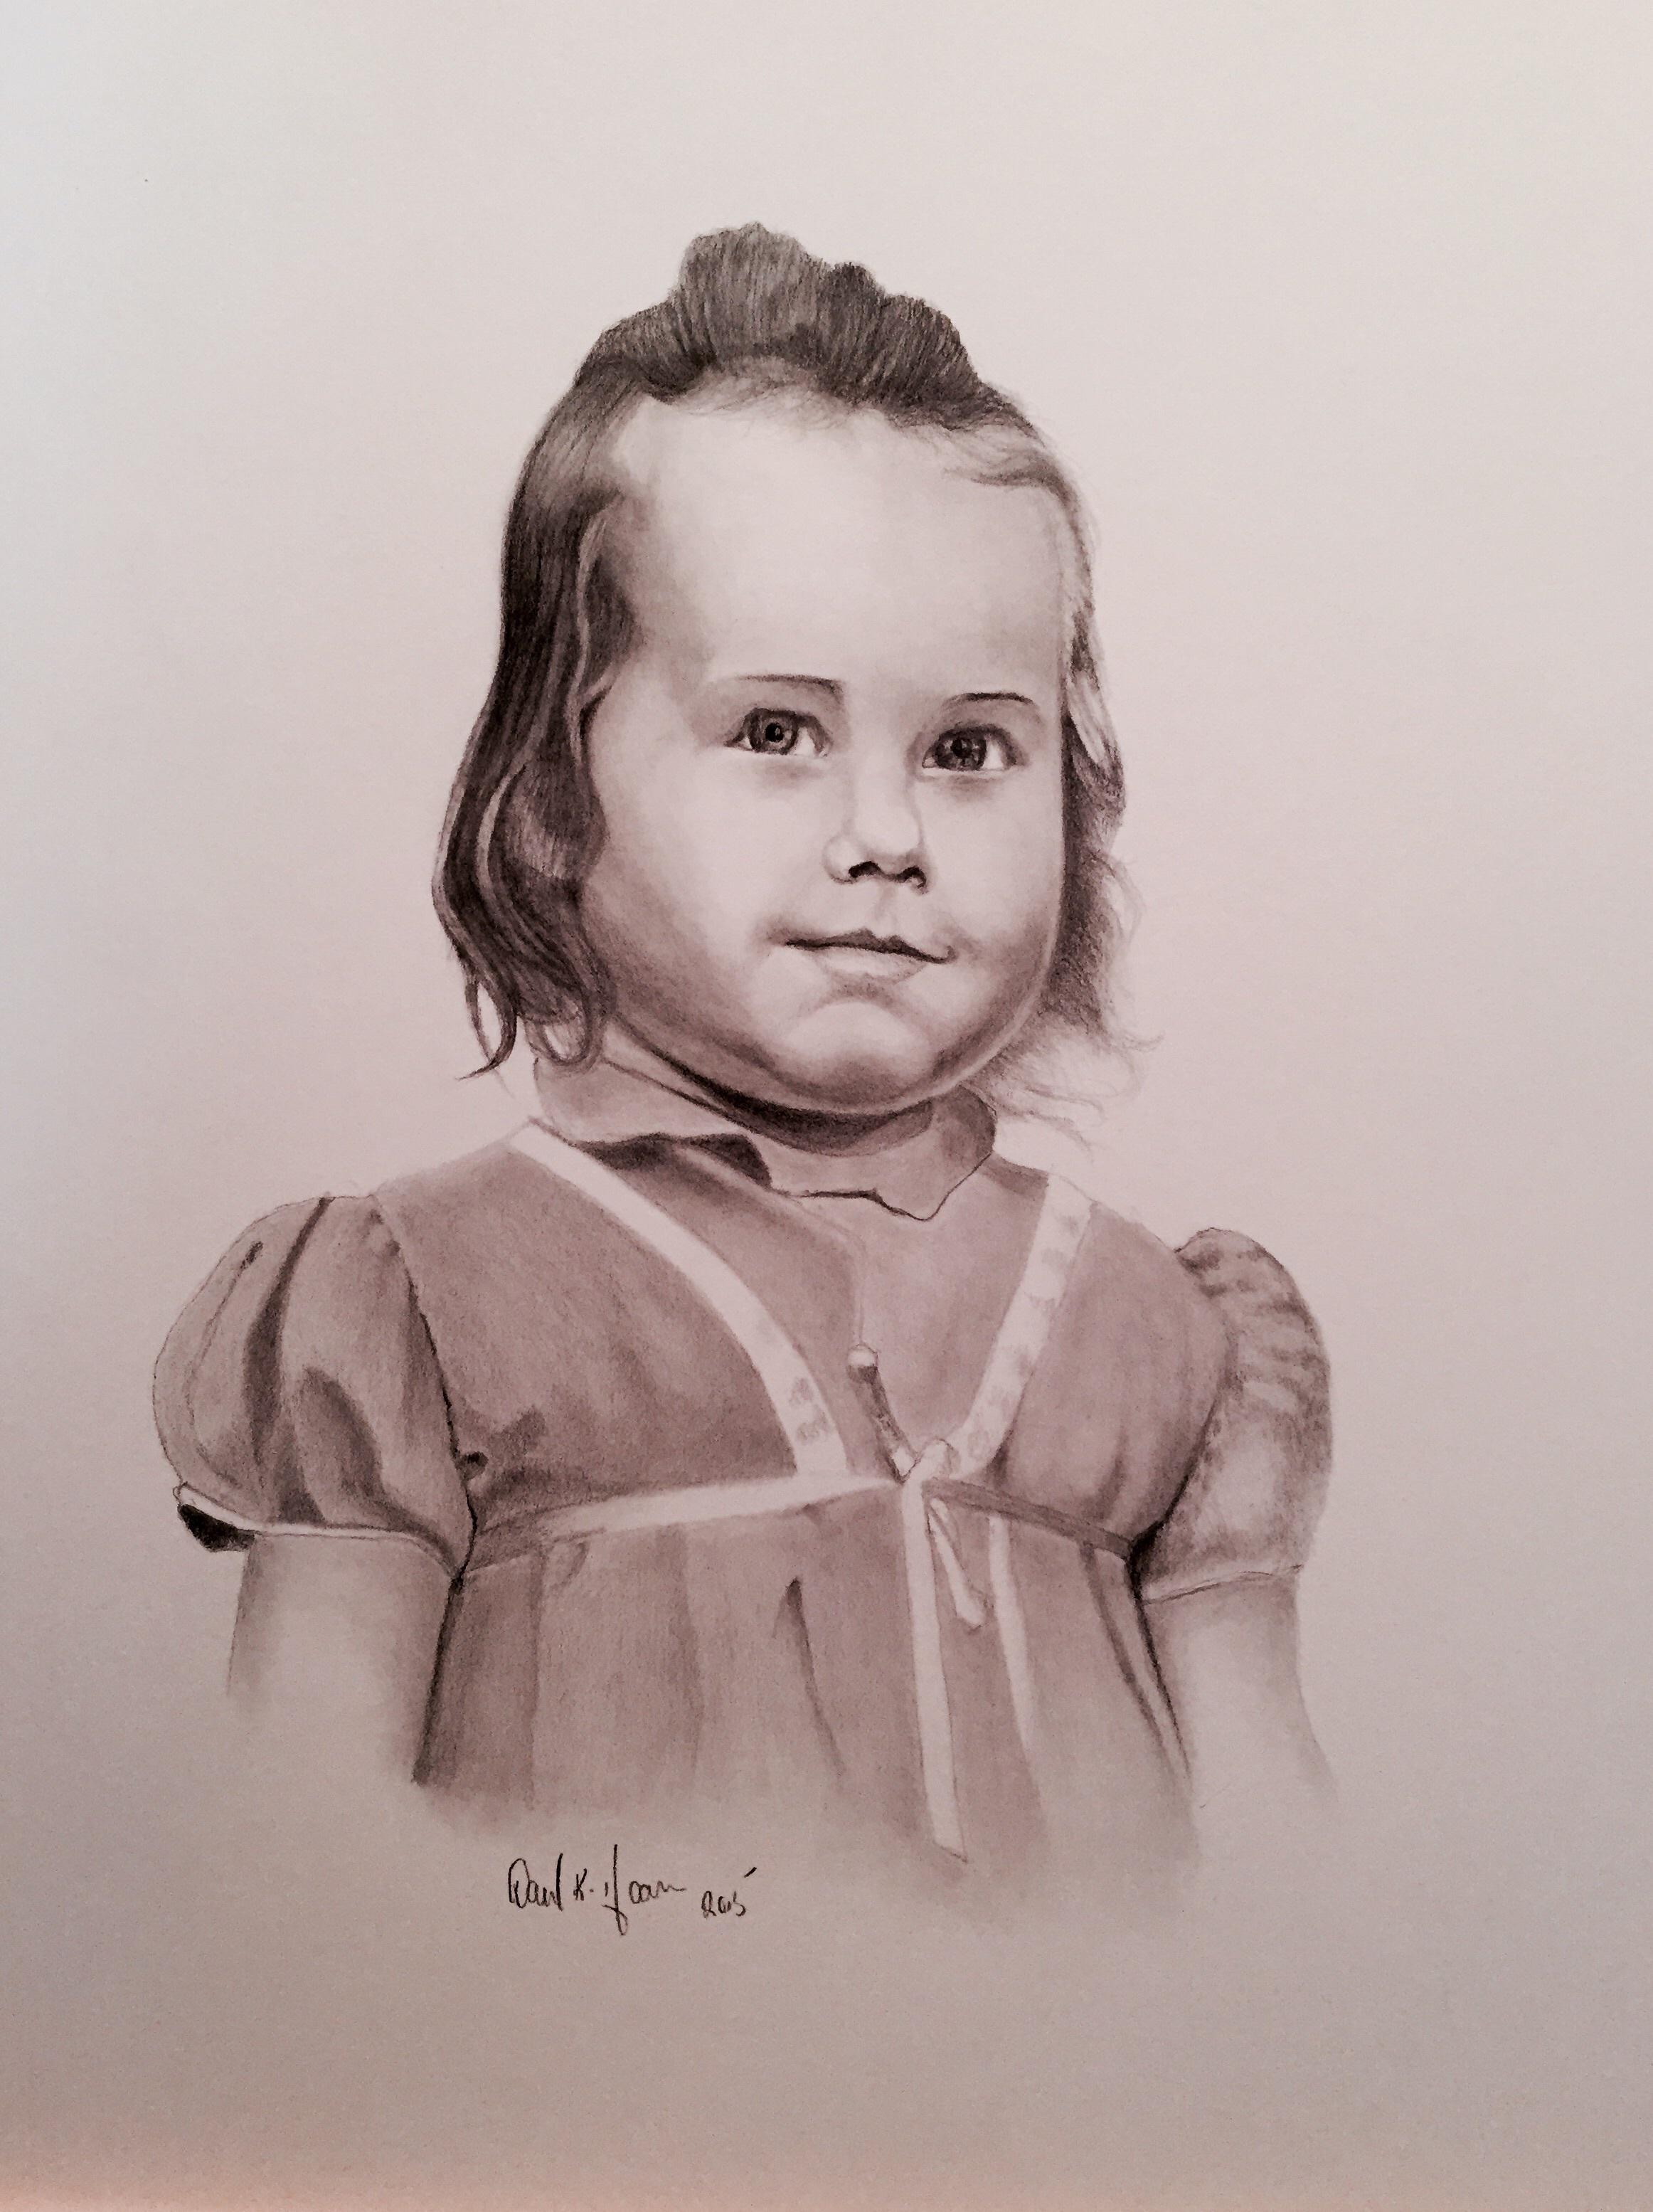 Gambar Gadis Imut Wanita Muda Anak Tersenyum